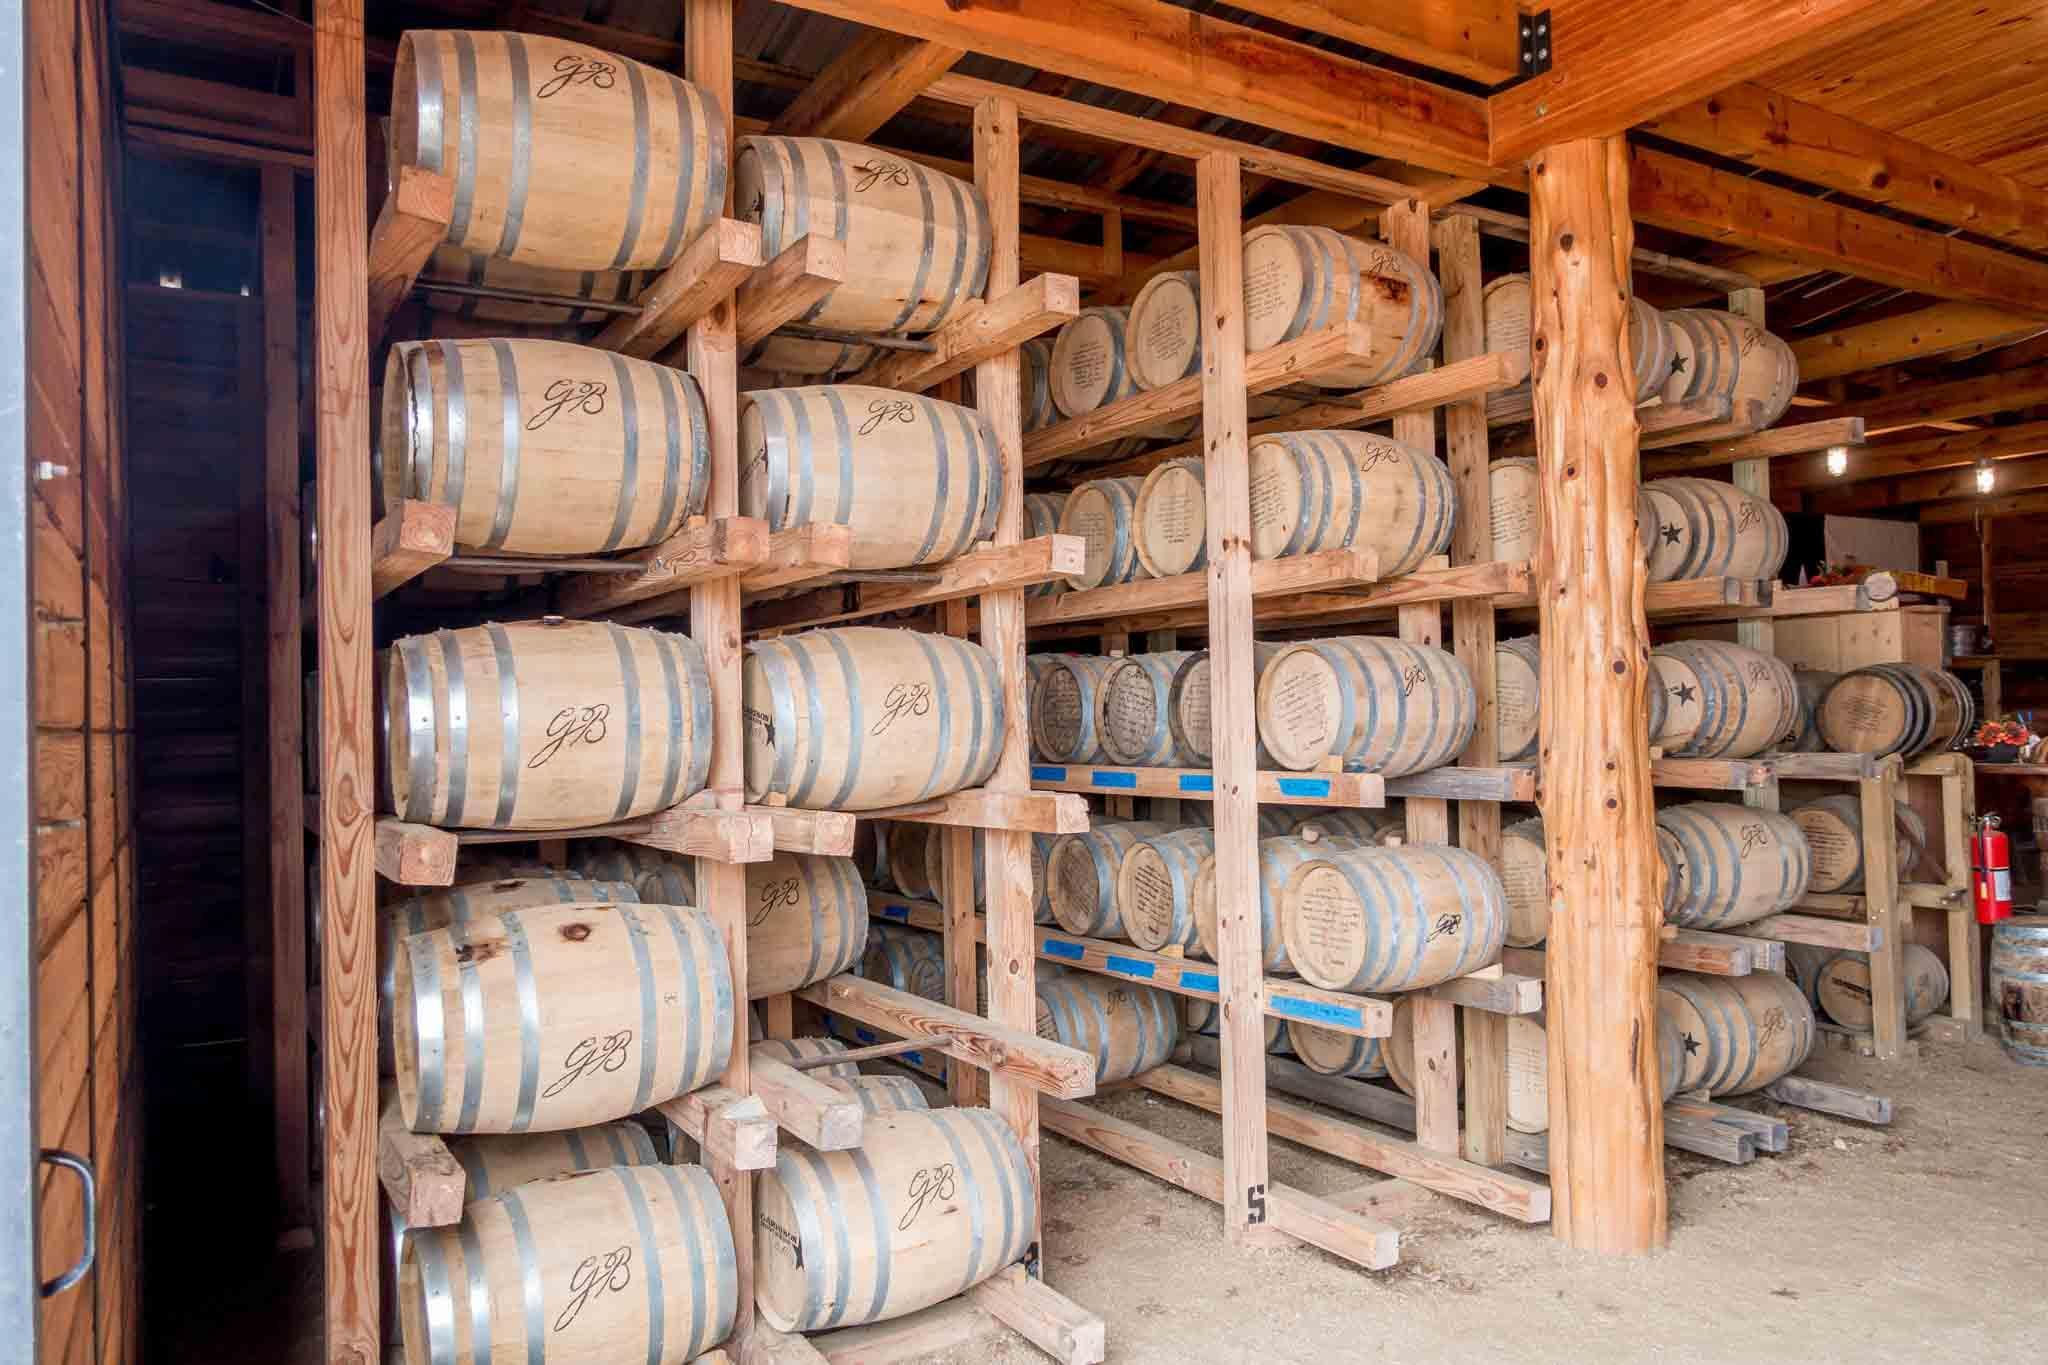 Barrels of aging Texas bourbon